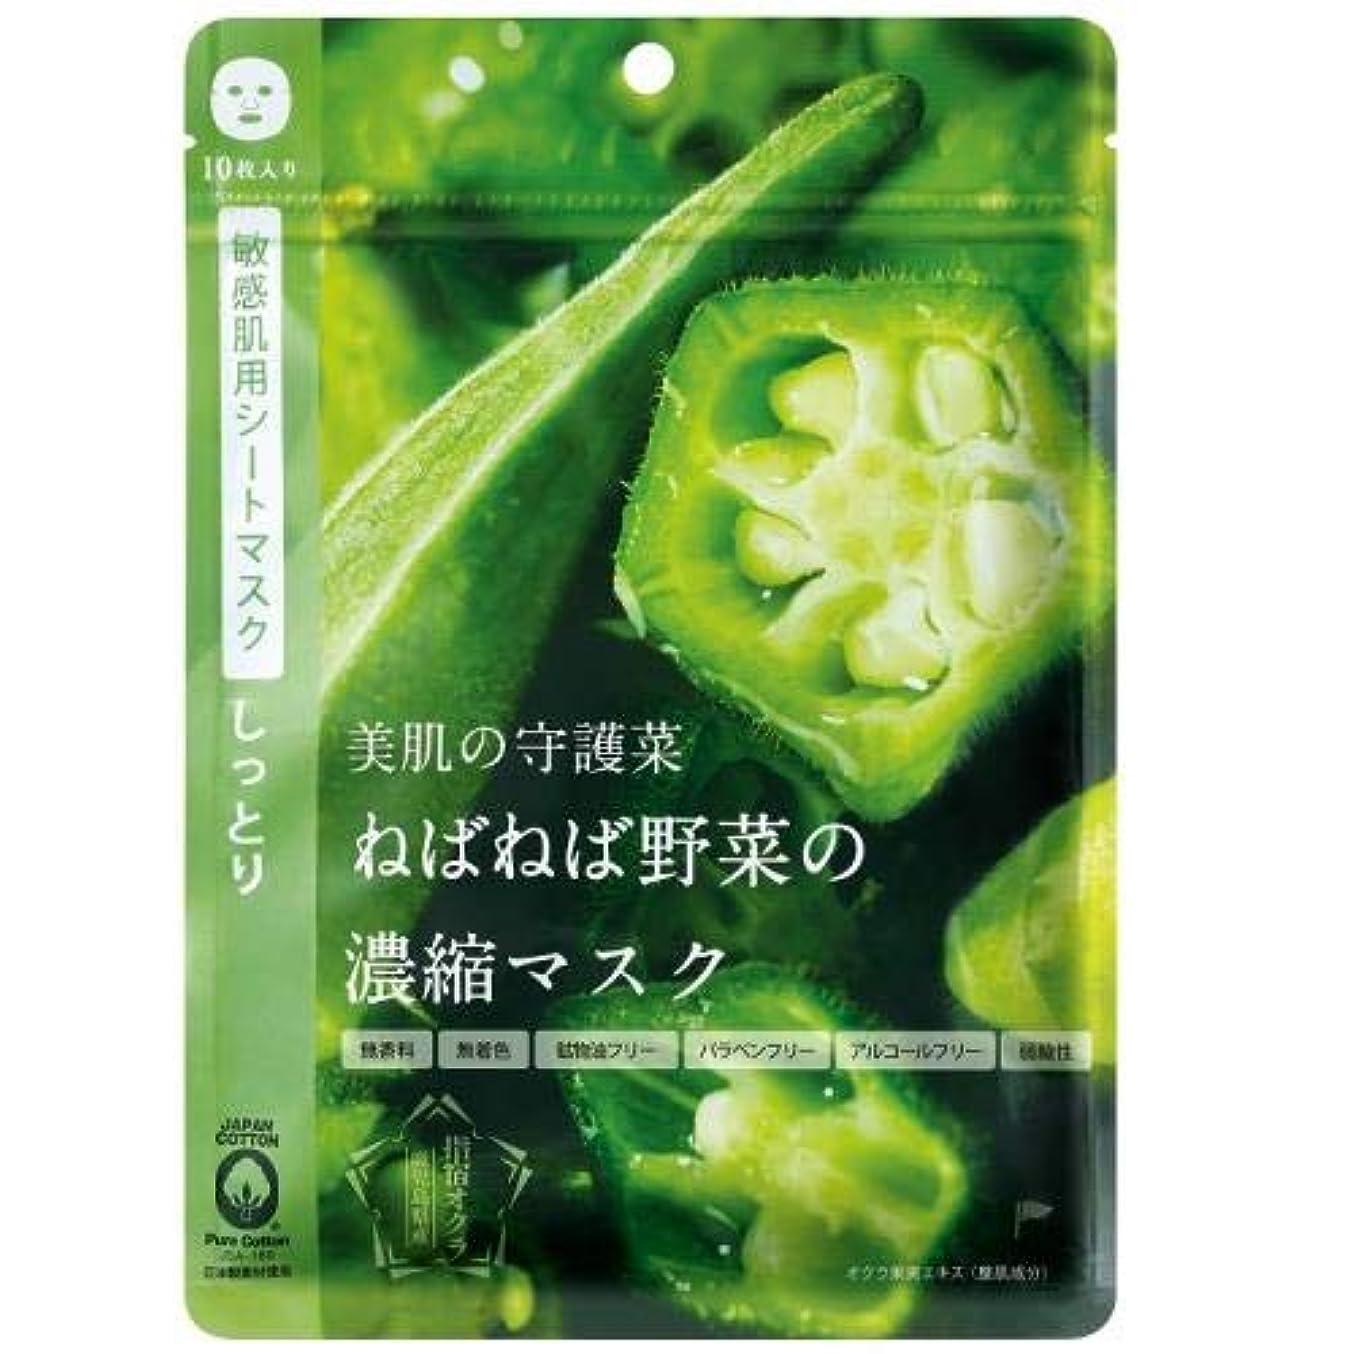 造船実際精神的にアイメーカーズ @cosme nippon (アットコスメニッポン) 美肌の守護菜 ねばねば野菜の濃縮マスク 指宿オクラ 10枚 3個セット